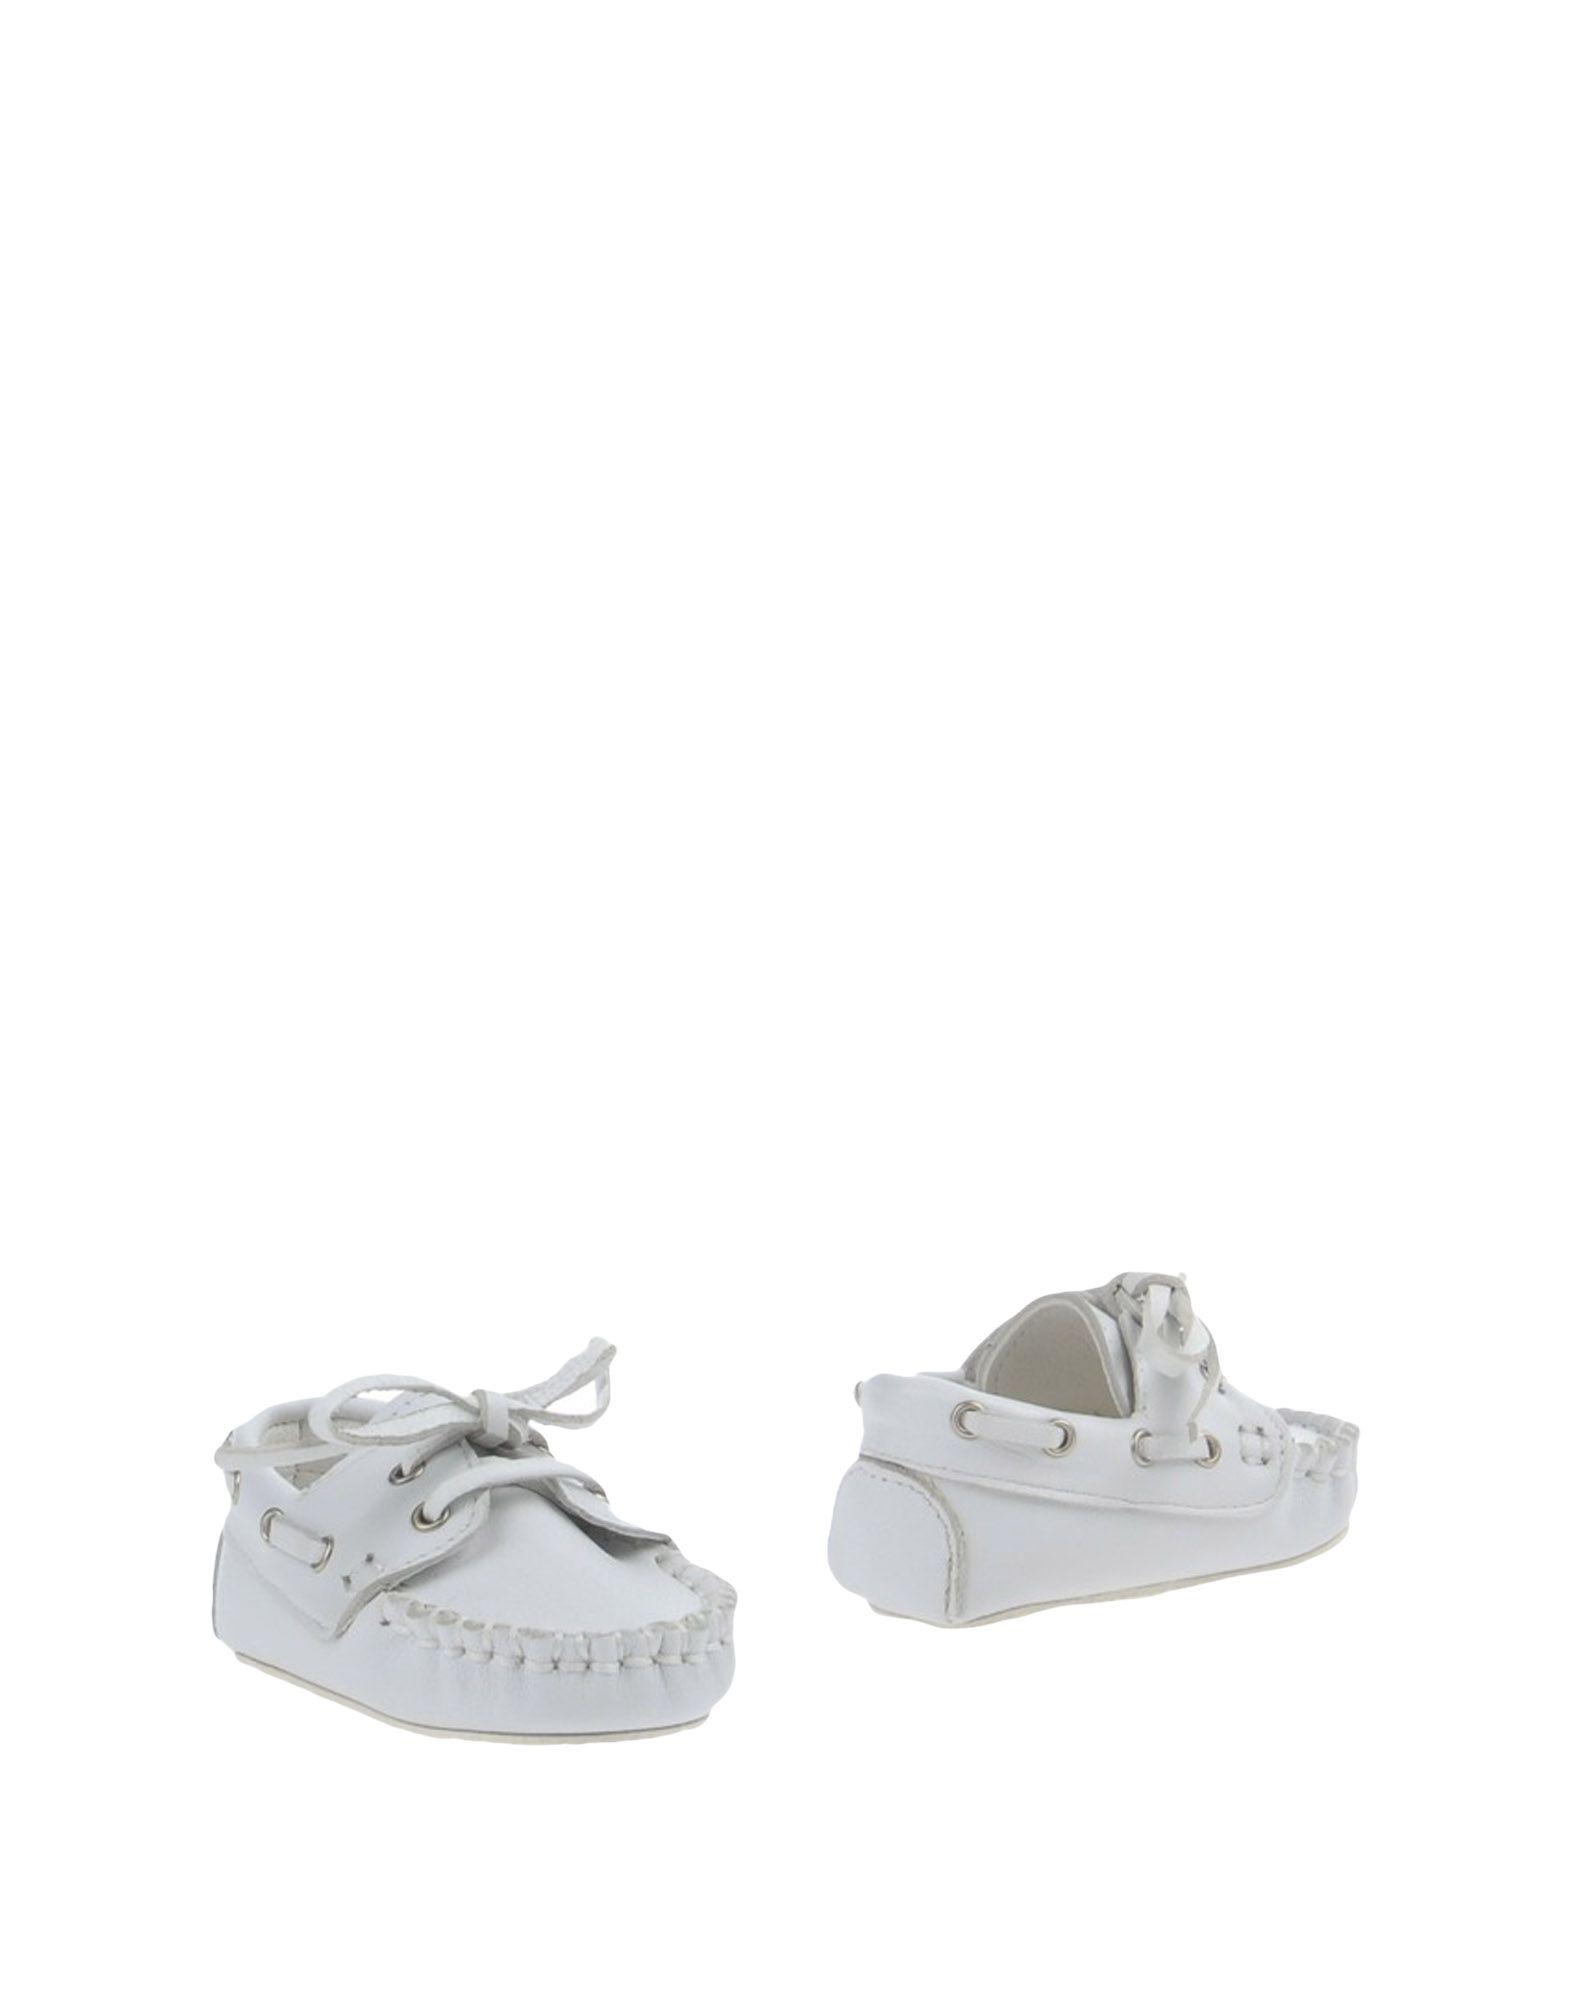 SIMONETTA Обувь для новорожденных обувь для детей